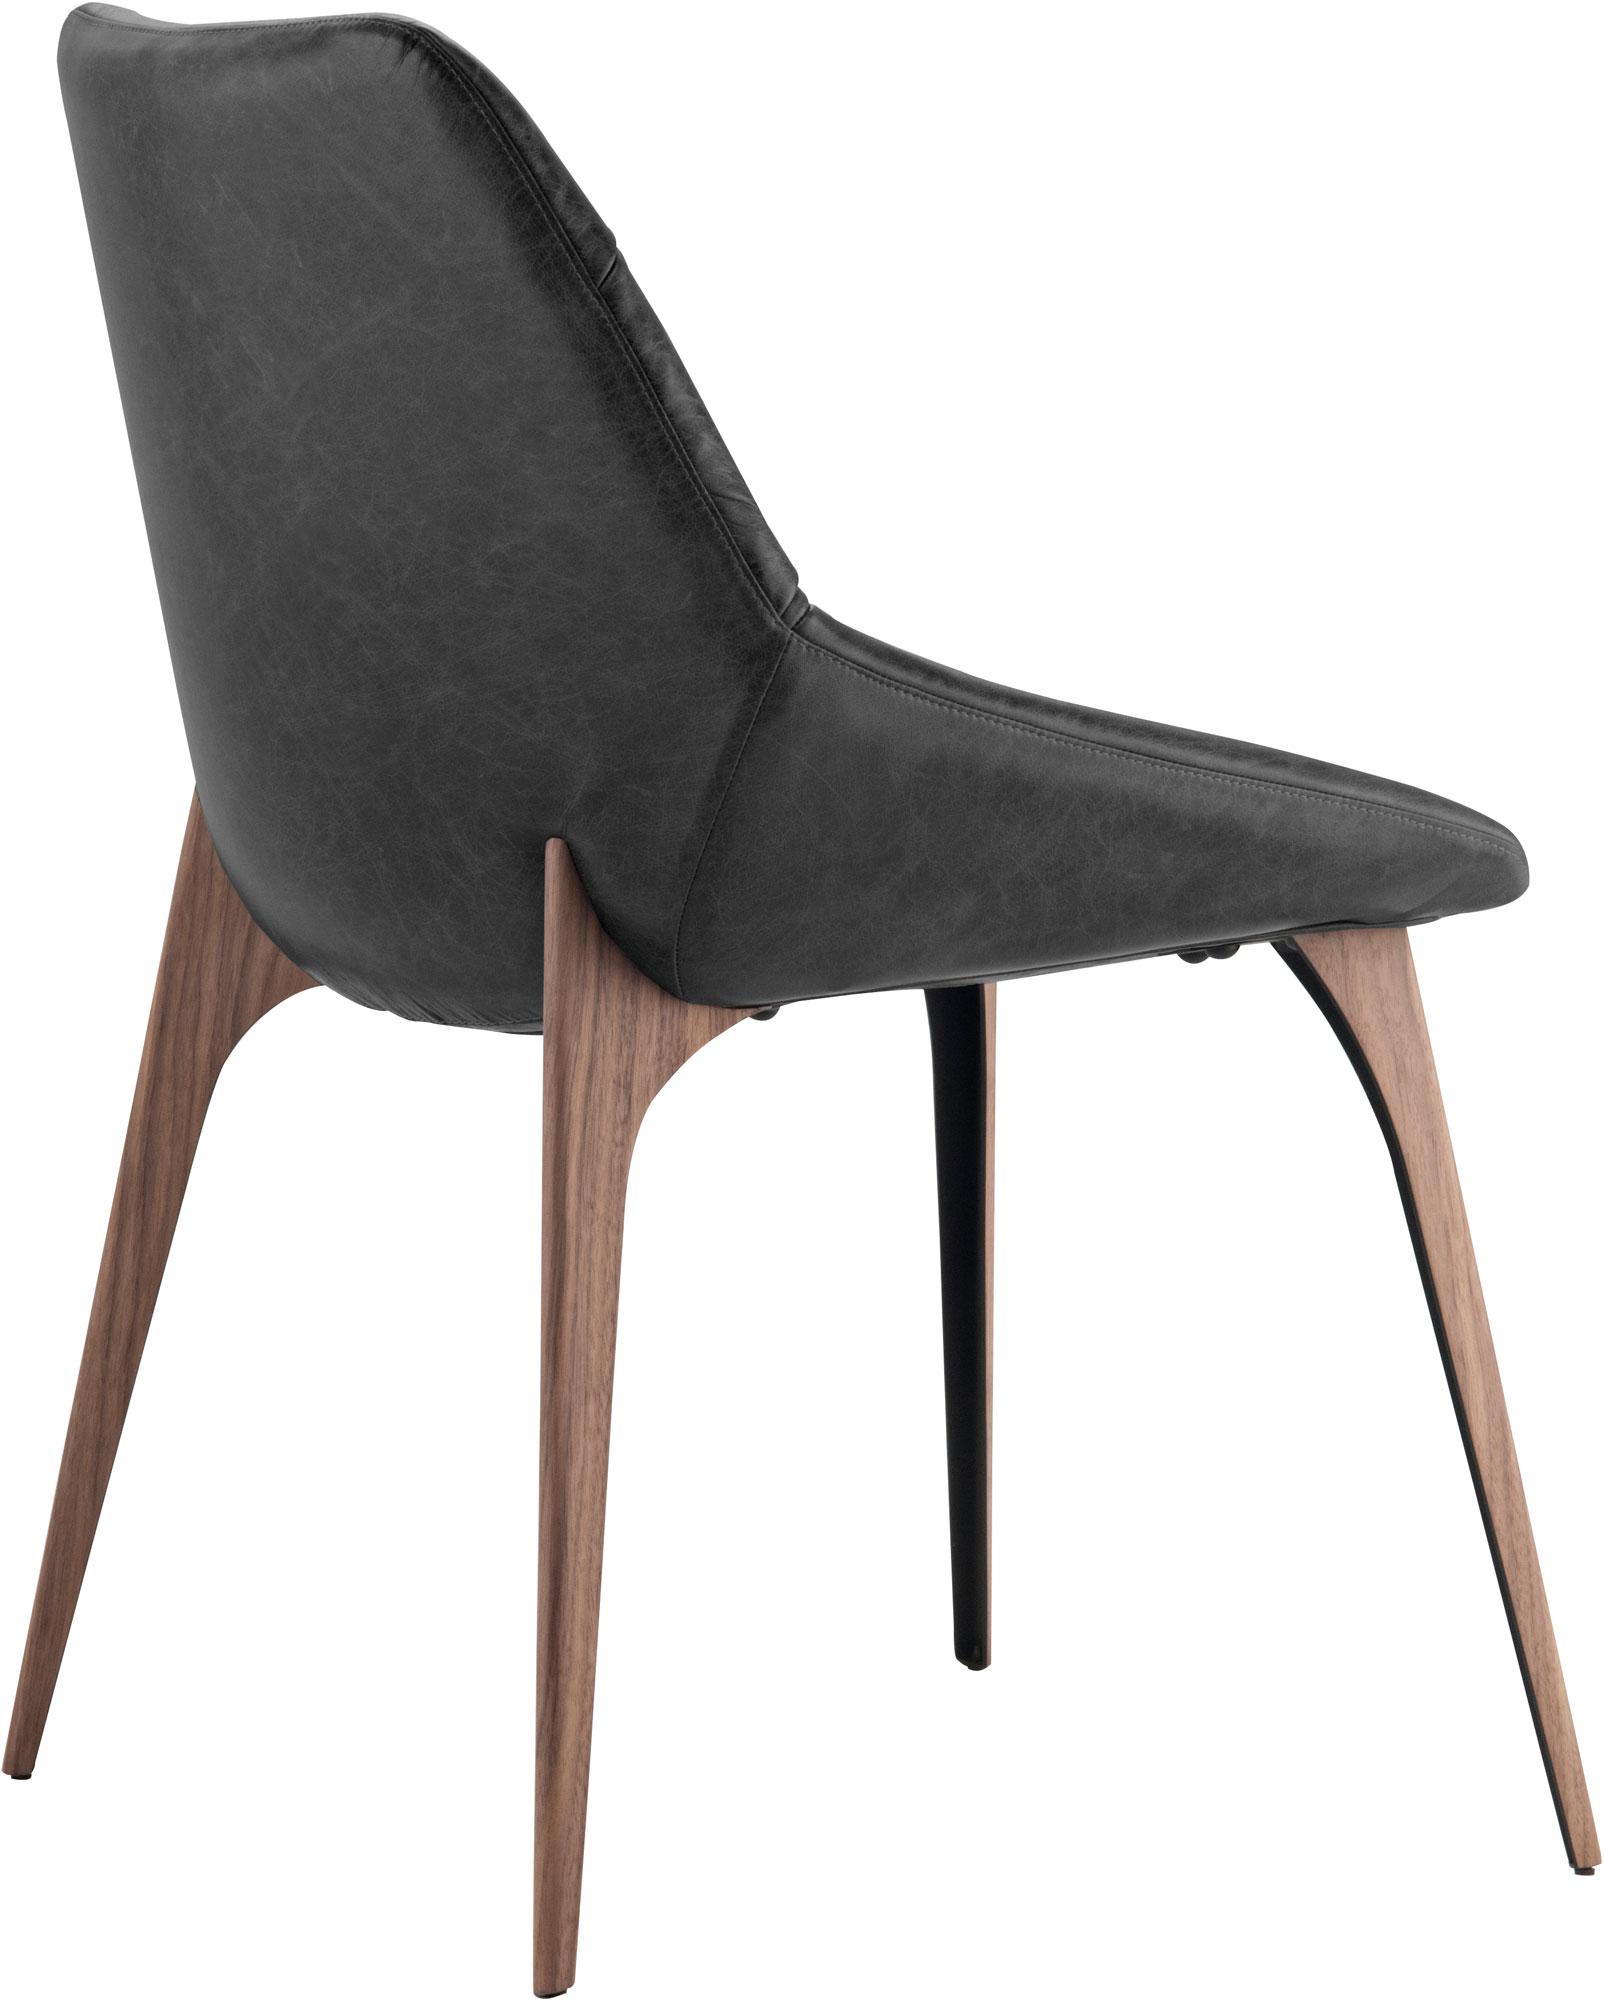 Rutgers Chair